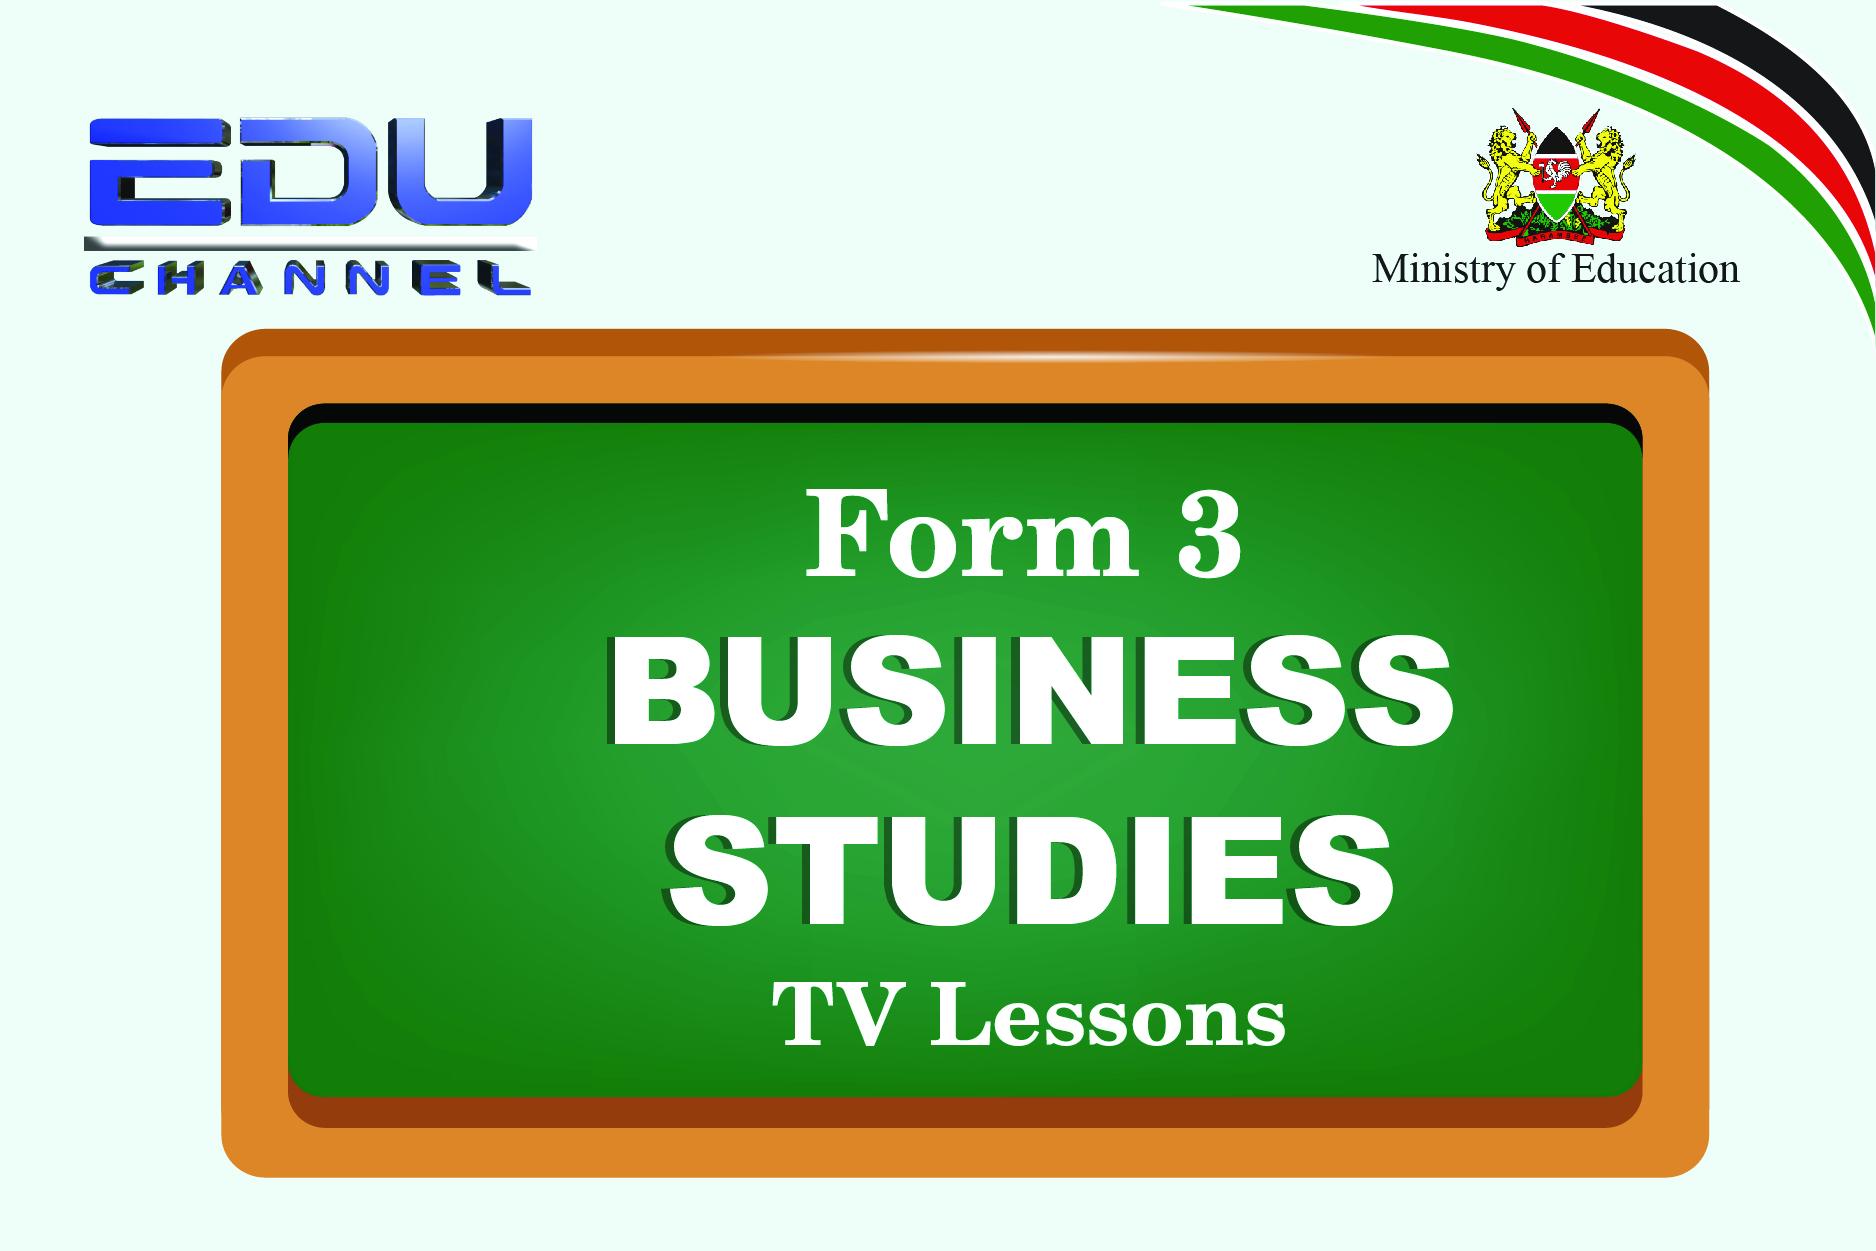 Form 3 Business Studies Lesson 2: Factors Influencing Demand